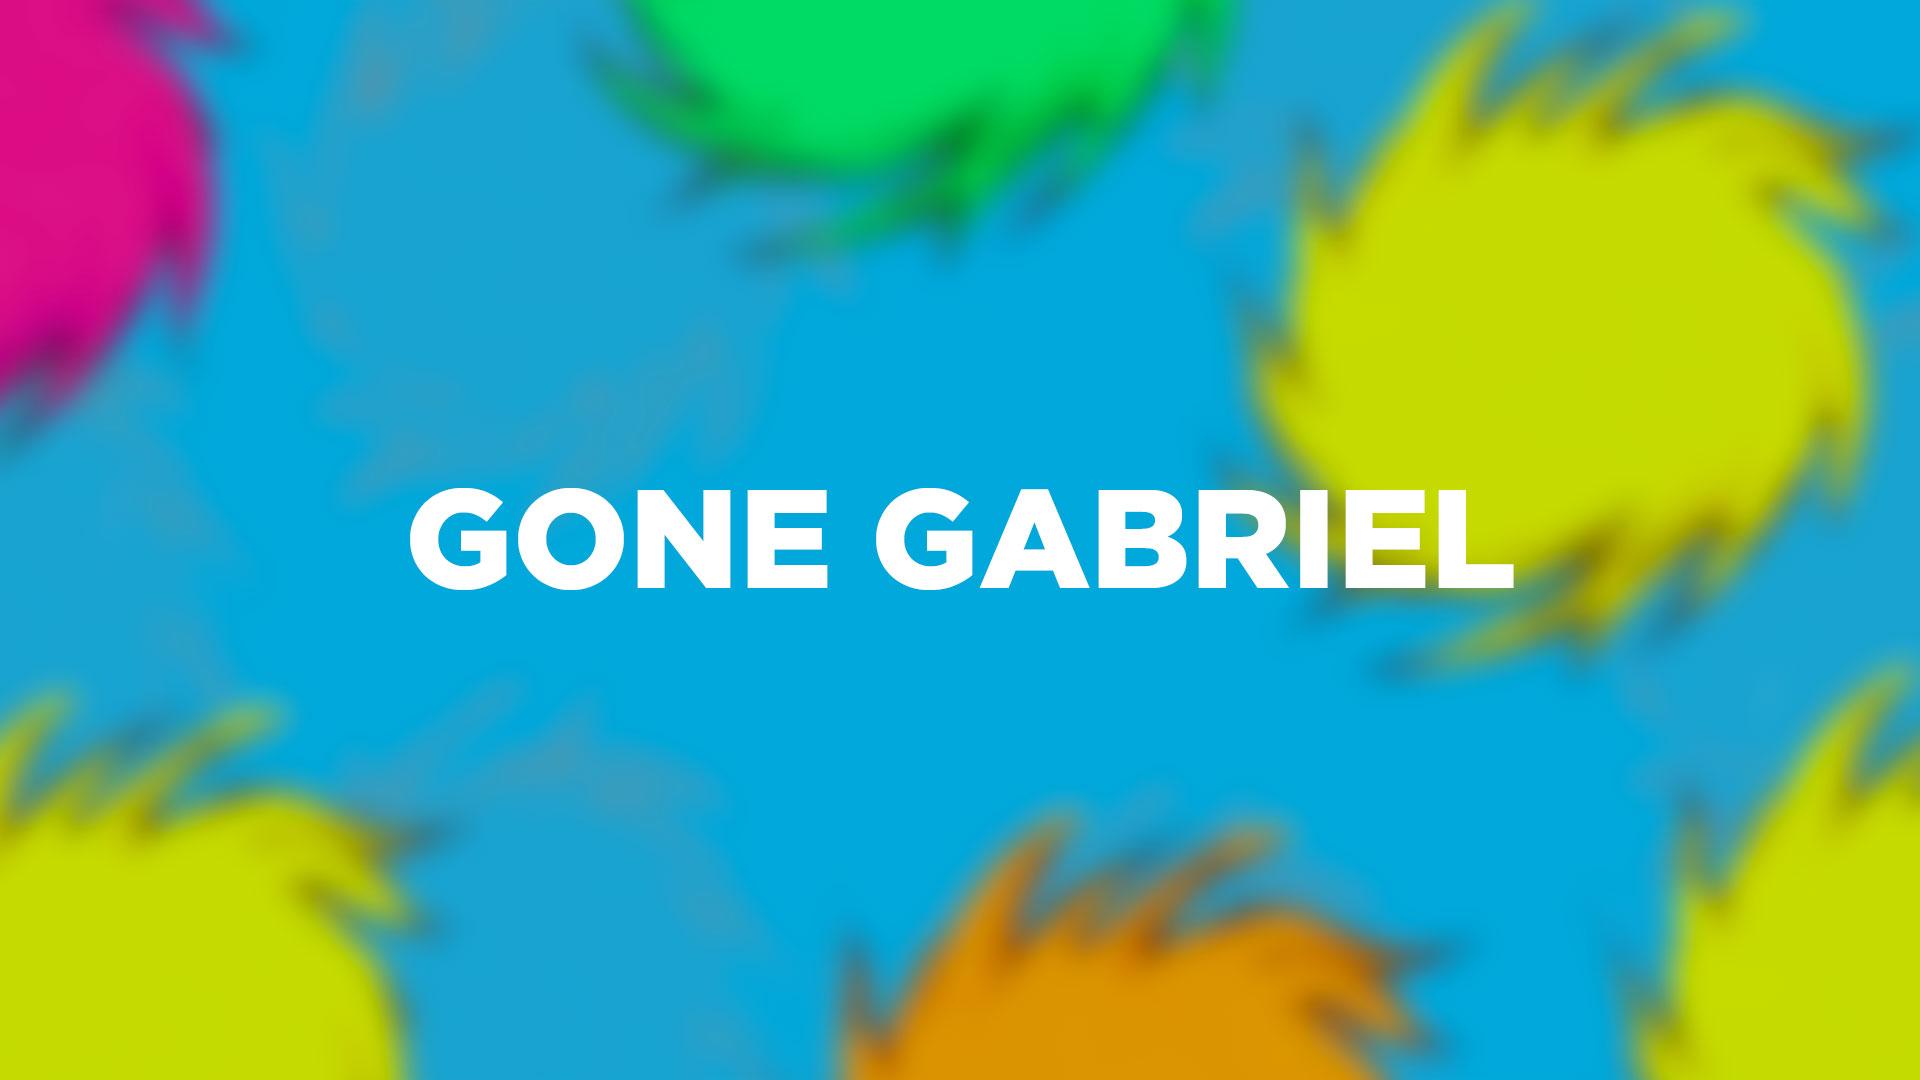 Gone Gabriel